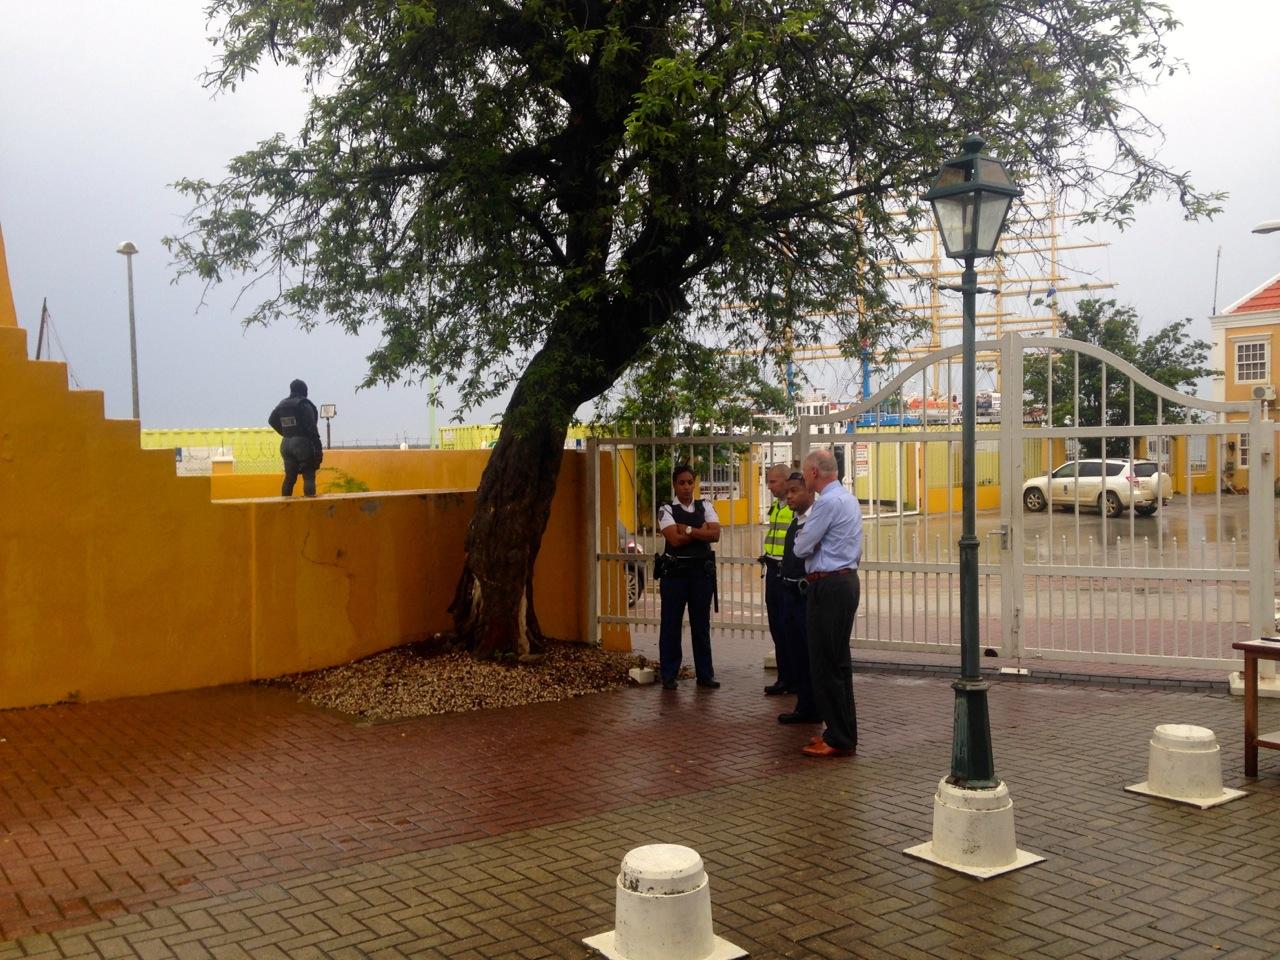 De omgeving van Fort Oranje was afgezet tijdens de zitting   foto: Gijs van den Heuvel